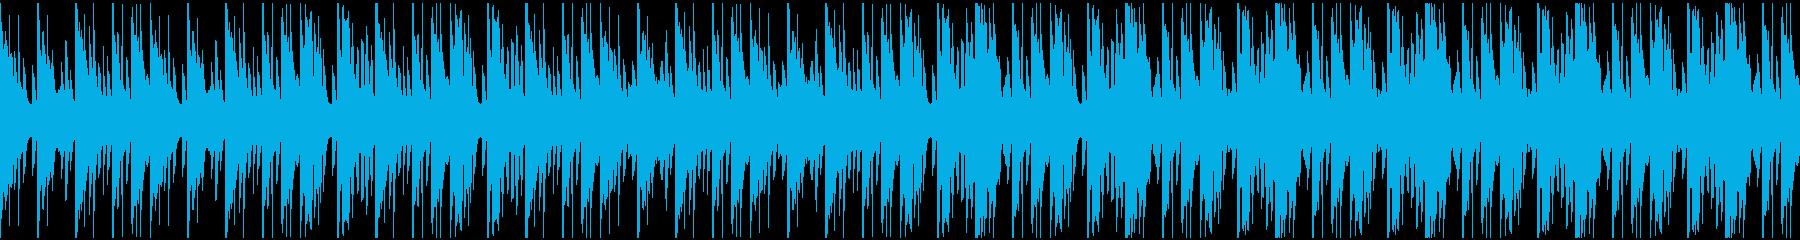 癒し・優しさ・ペット動画にも【ループ可】の再生済みの波形